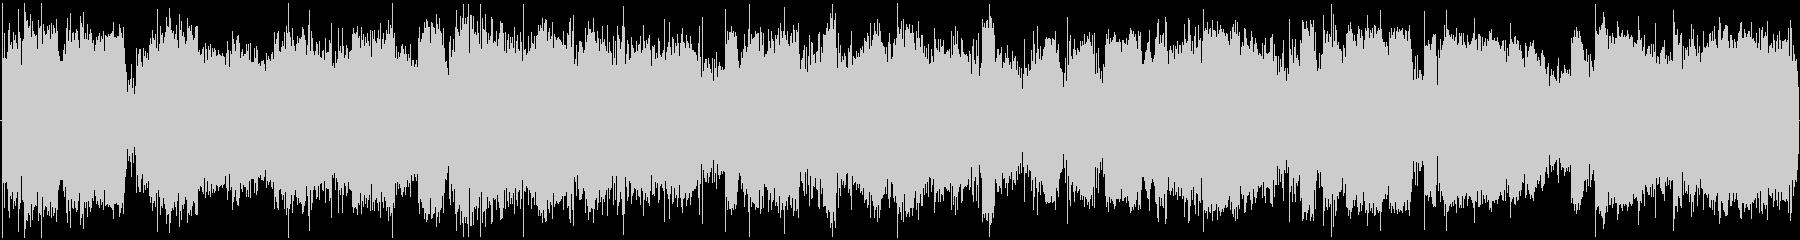 イメージ 極端な異常な狂気低01の未再生の波形